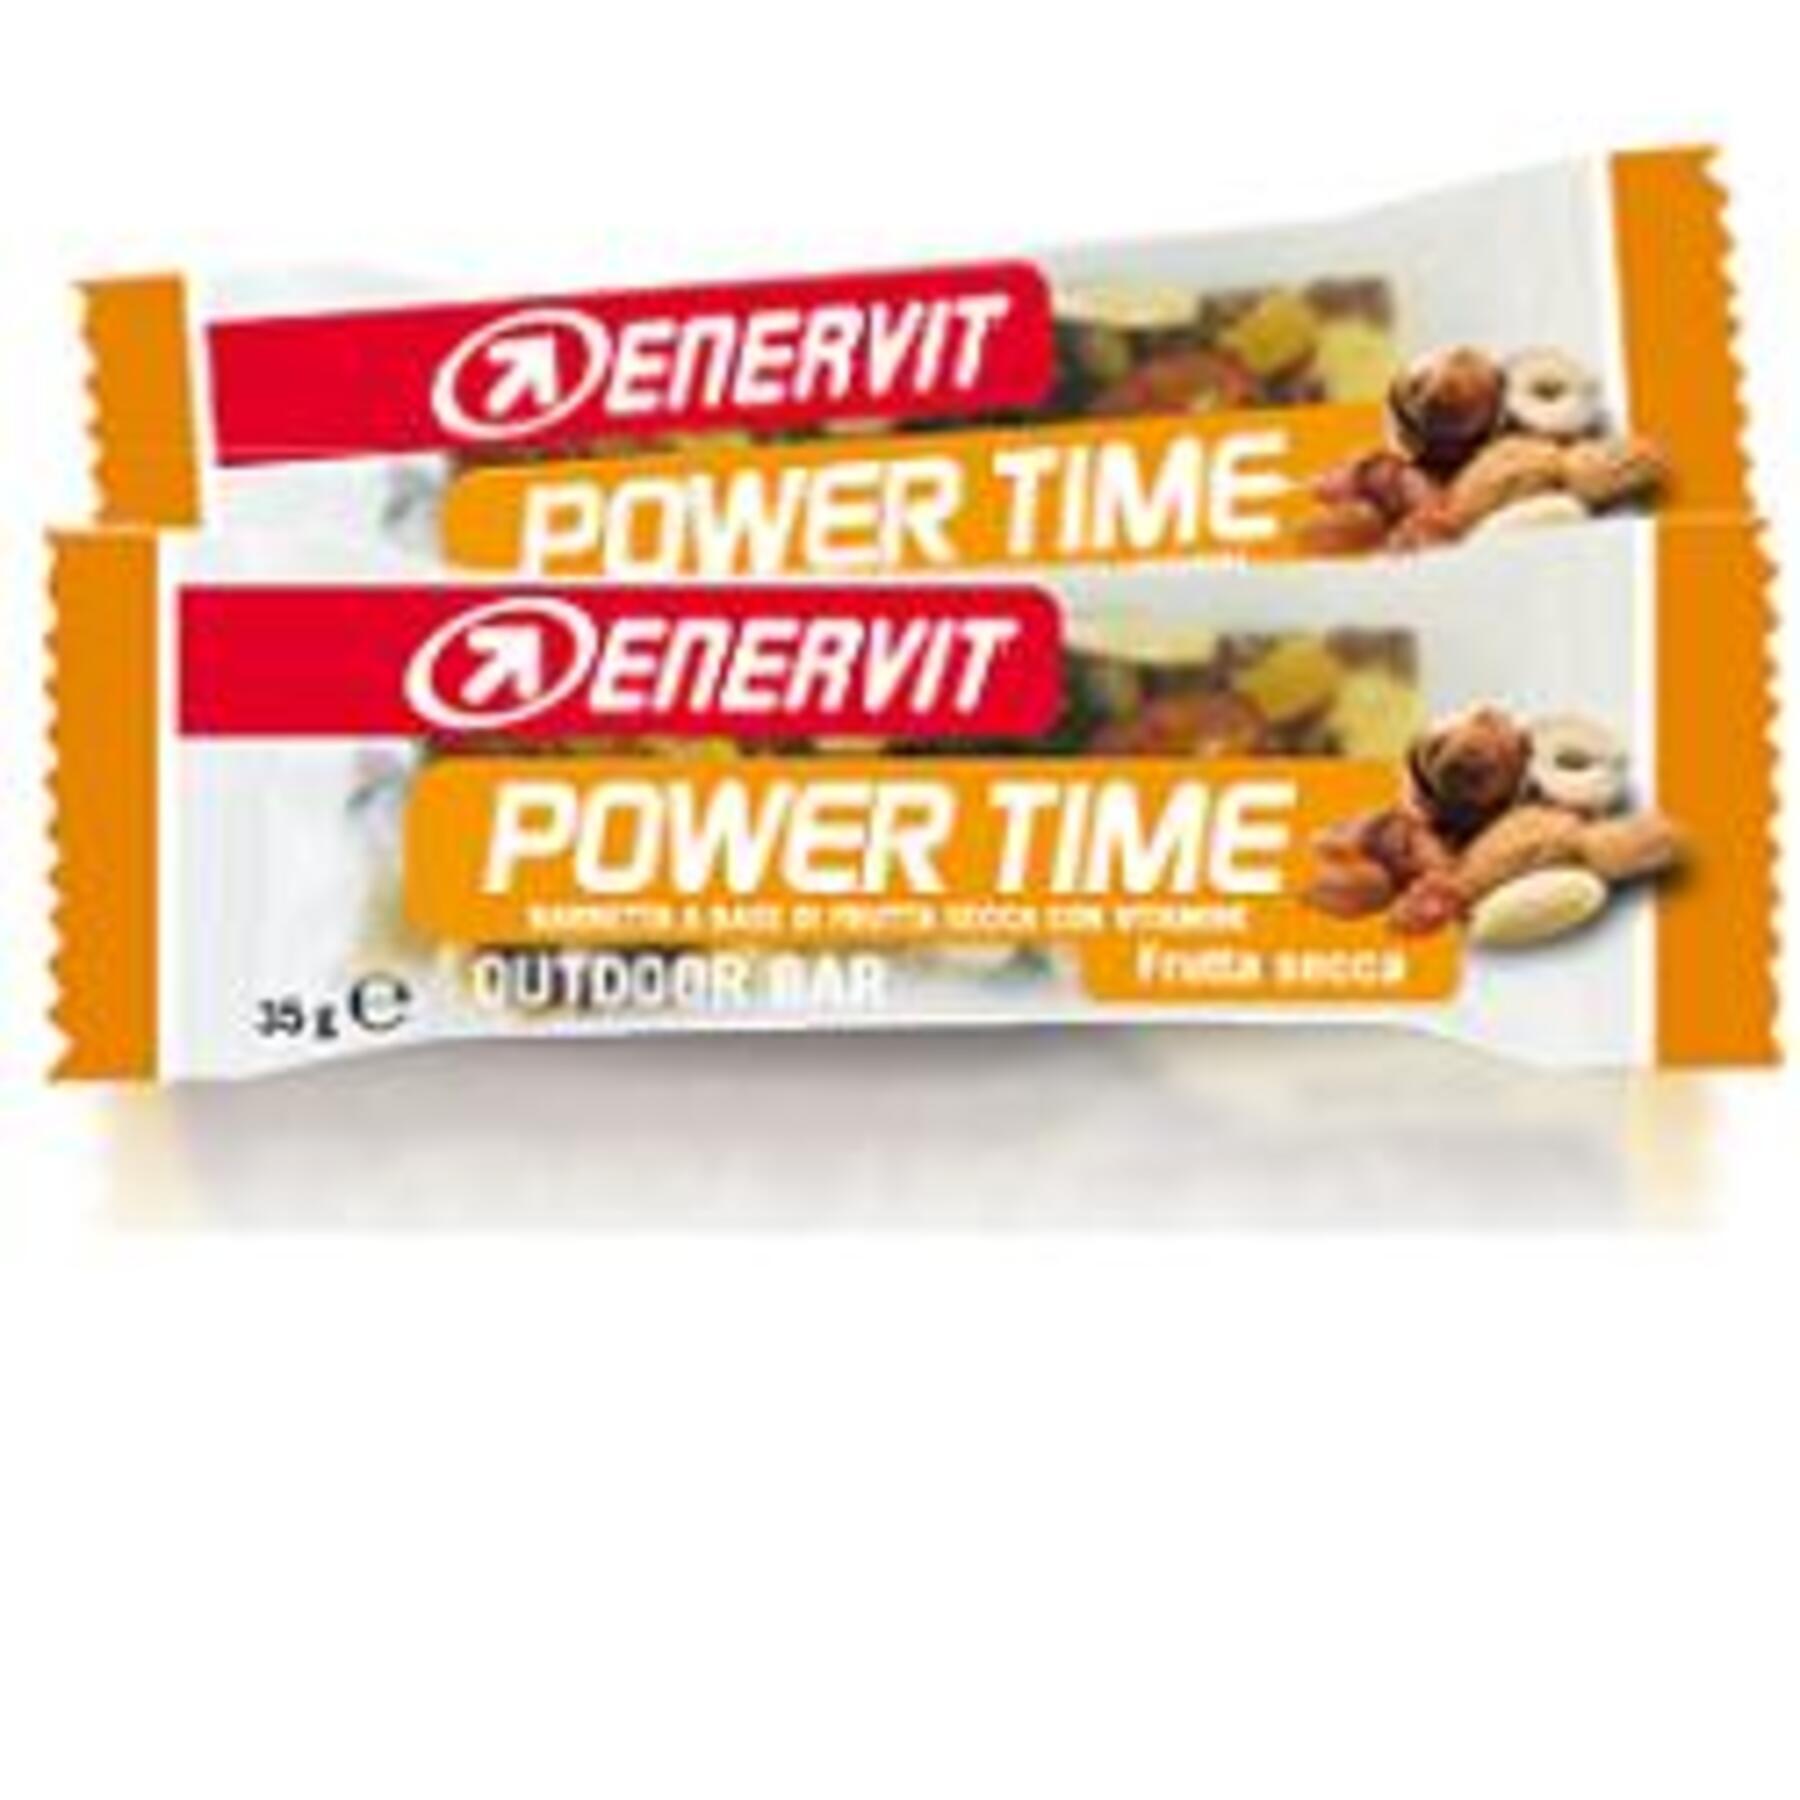 enervit spa enervit power time frutta 1 barretta